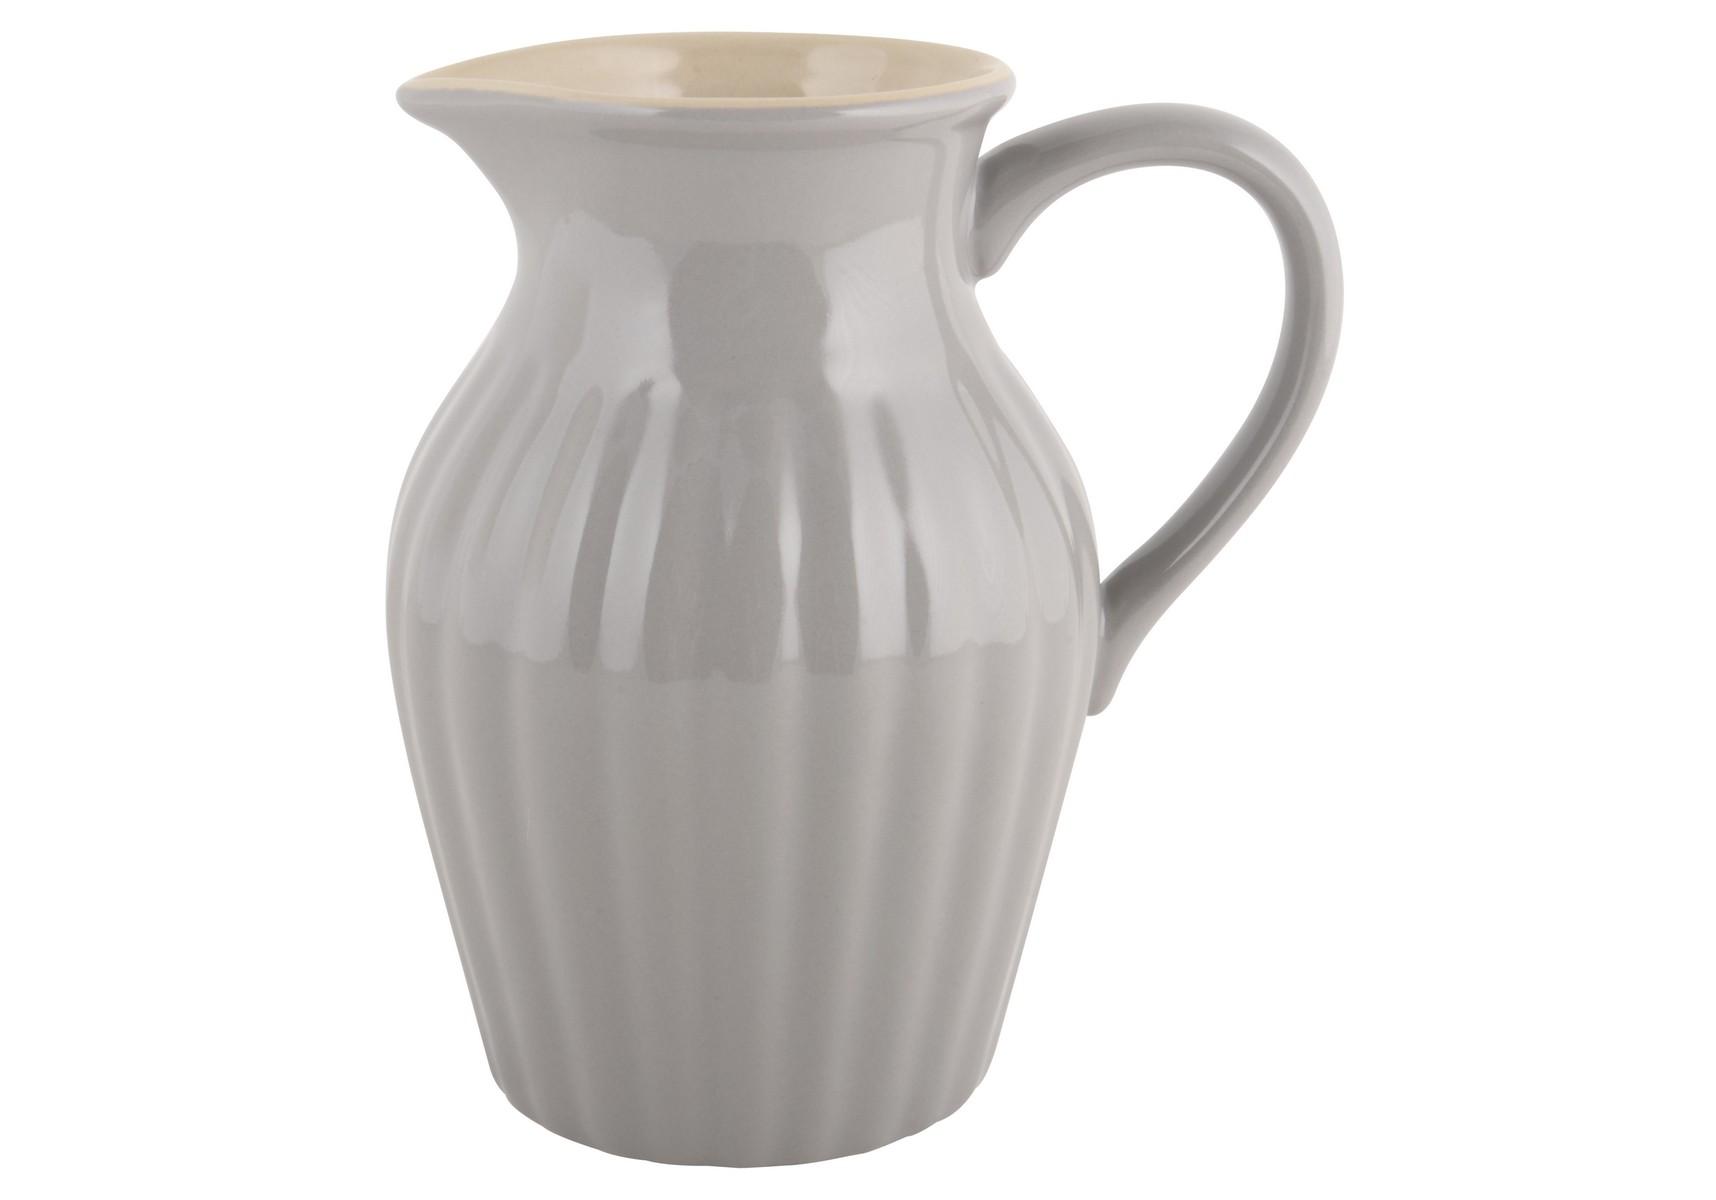 КувшинКувшины и графины<br>Каменная керамика, цвет французский серый. Можно использовать в микроволновой печи, посудомоечной машине и в духовке<br><br>Material: Керамика<br>Width см: 19<br>Depth см: 14<br>Height см: 21